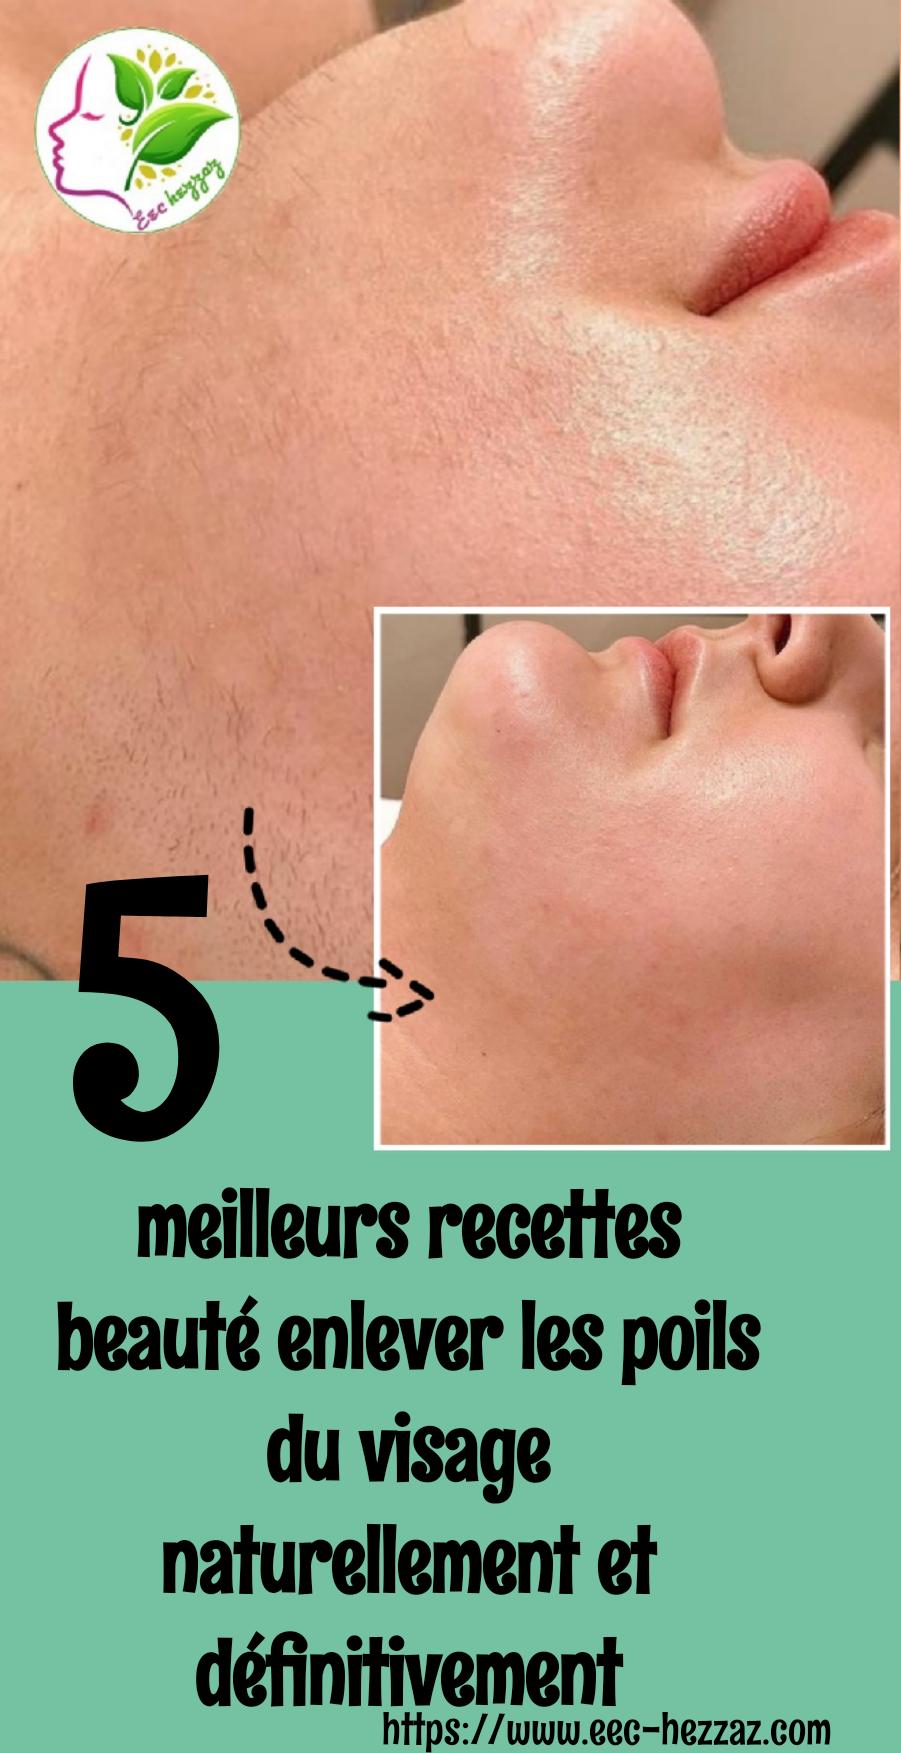 5 meilleurs recettes beauté enlever les poils du visage naturellement et définitivement